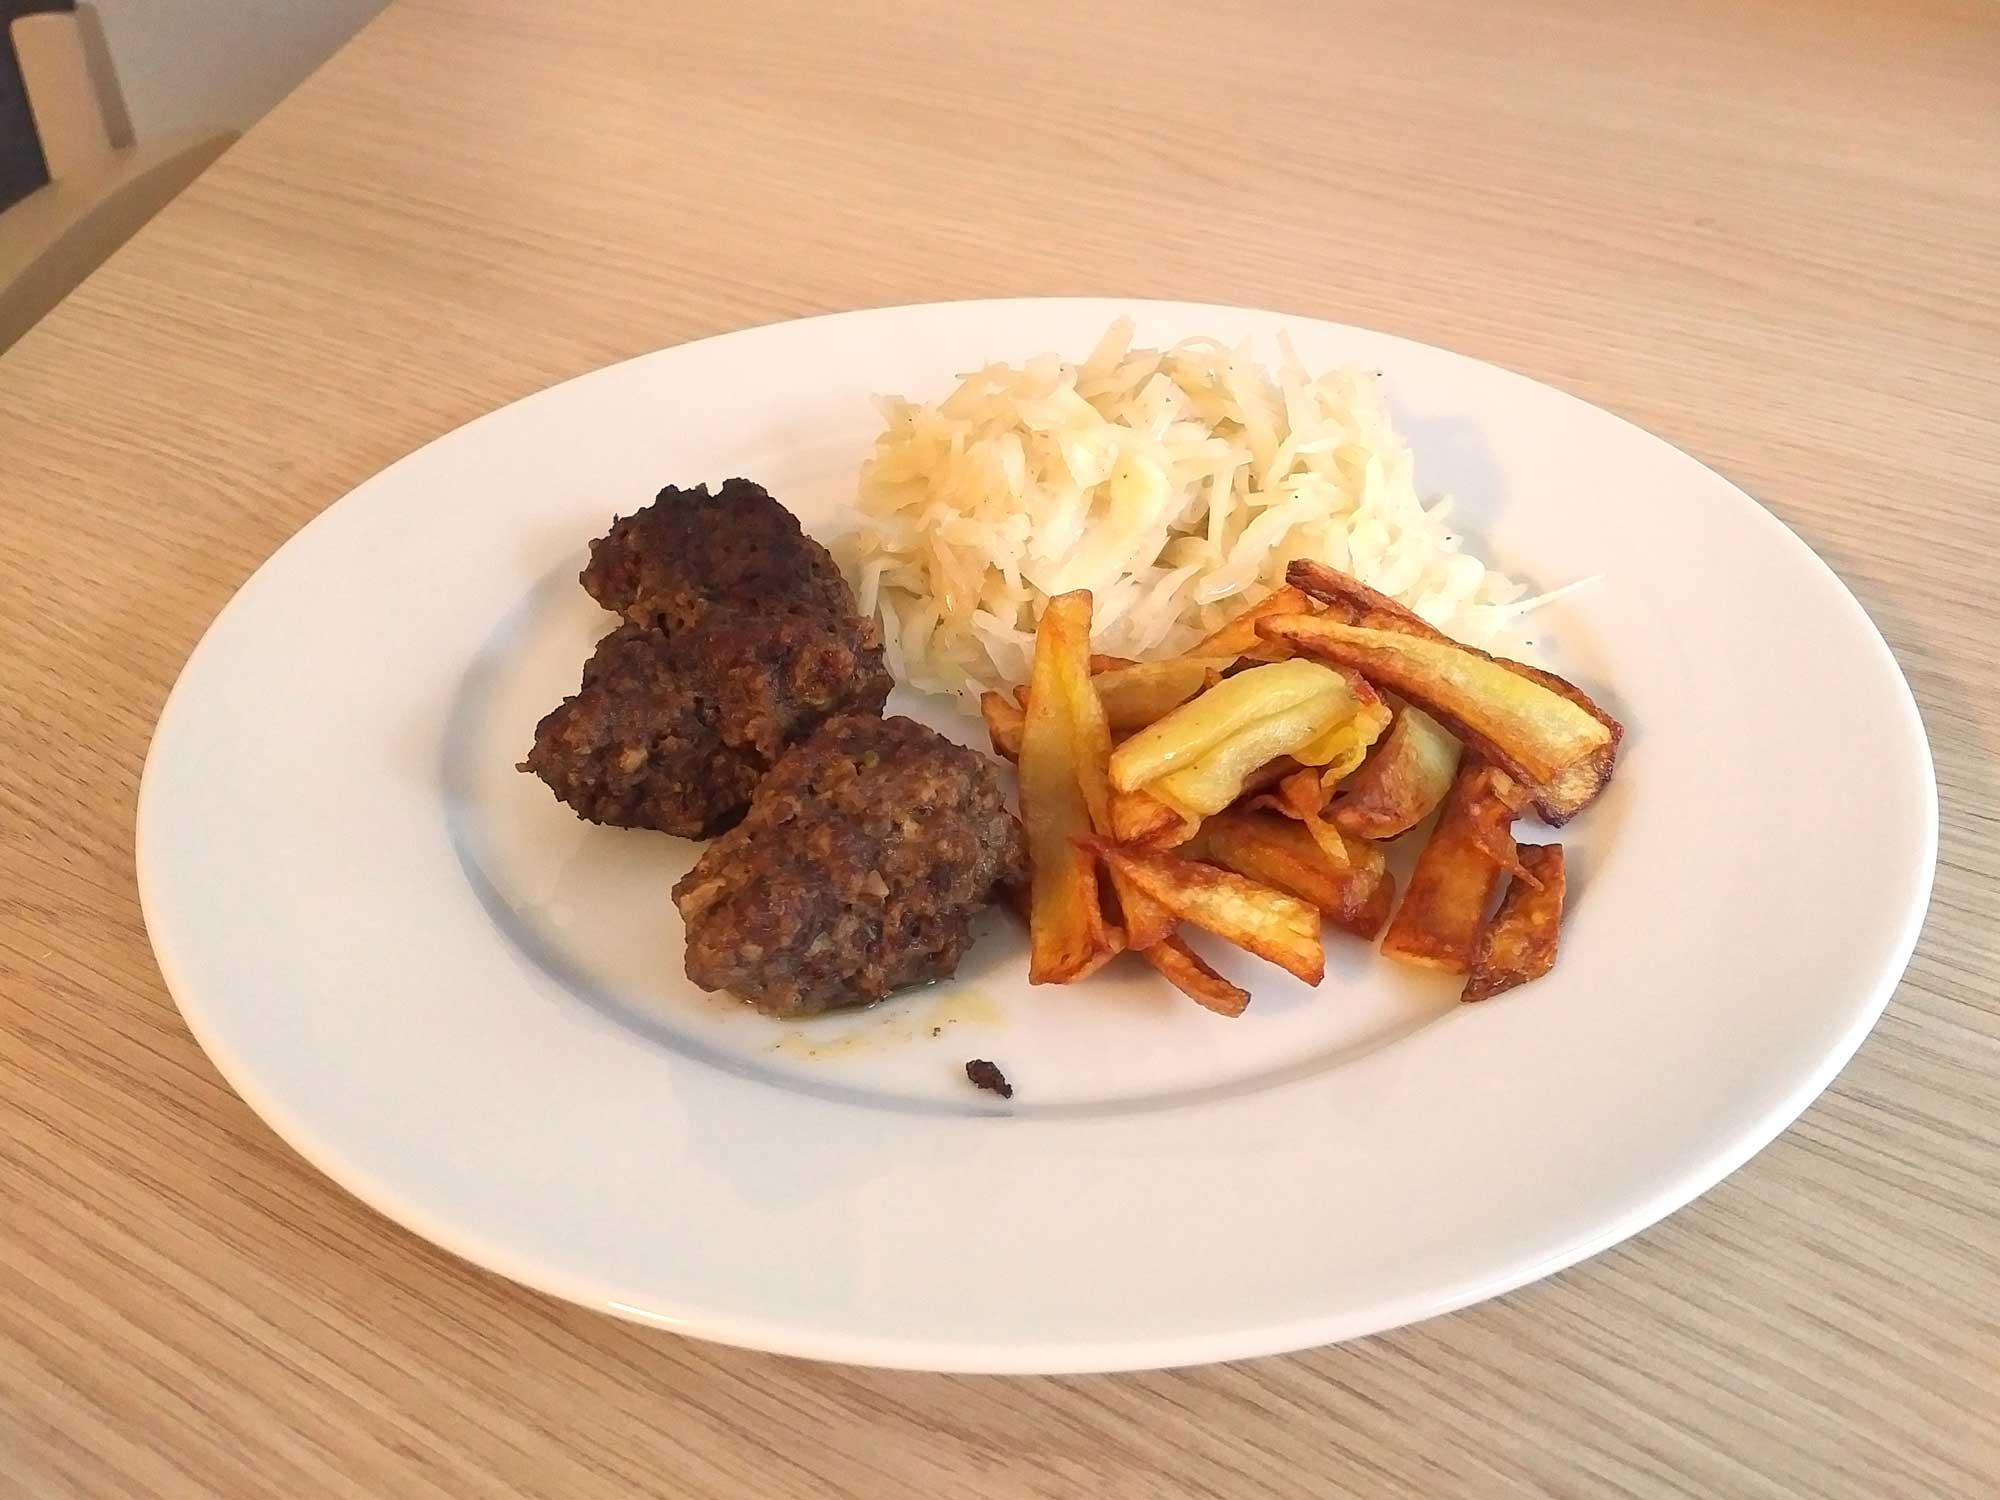 Fleisch mit Pommes und Krautsalat